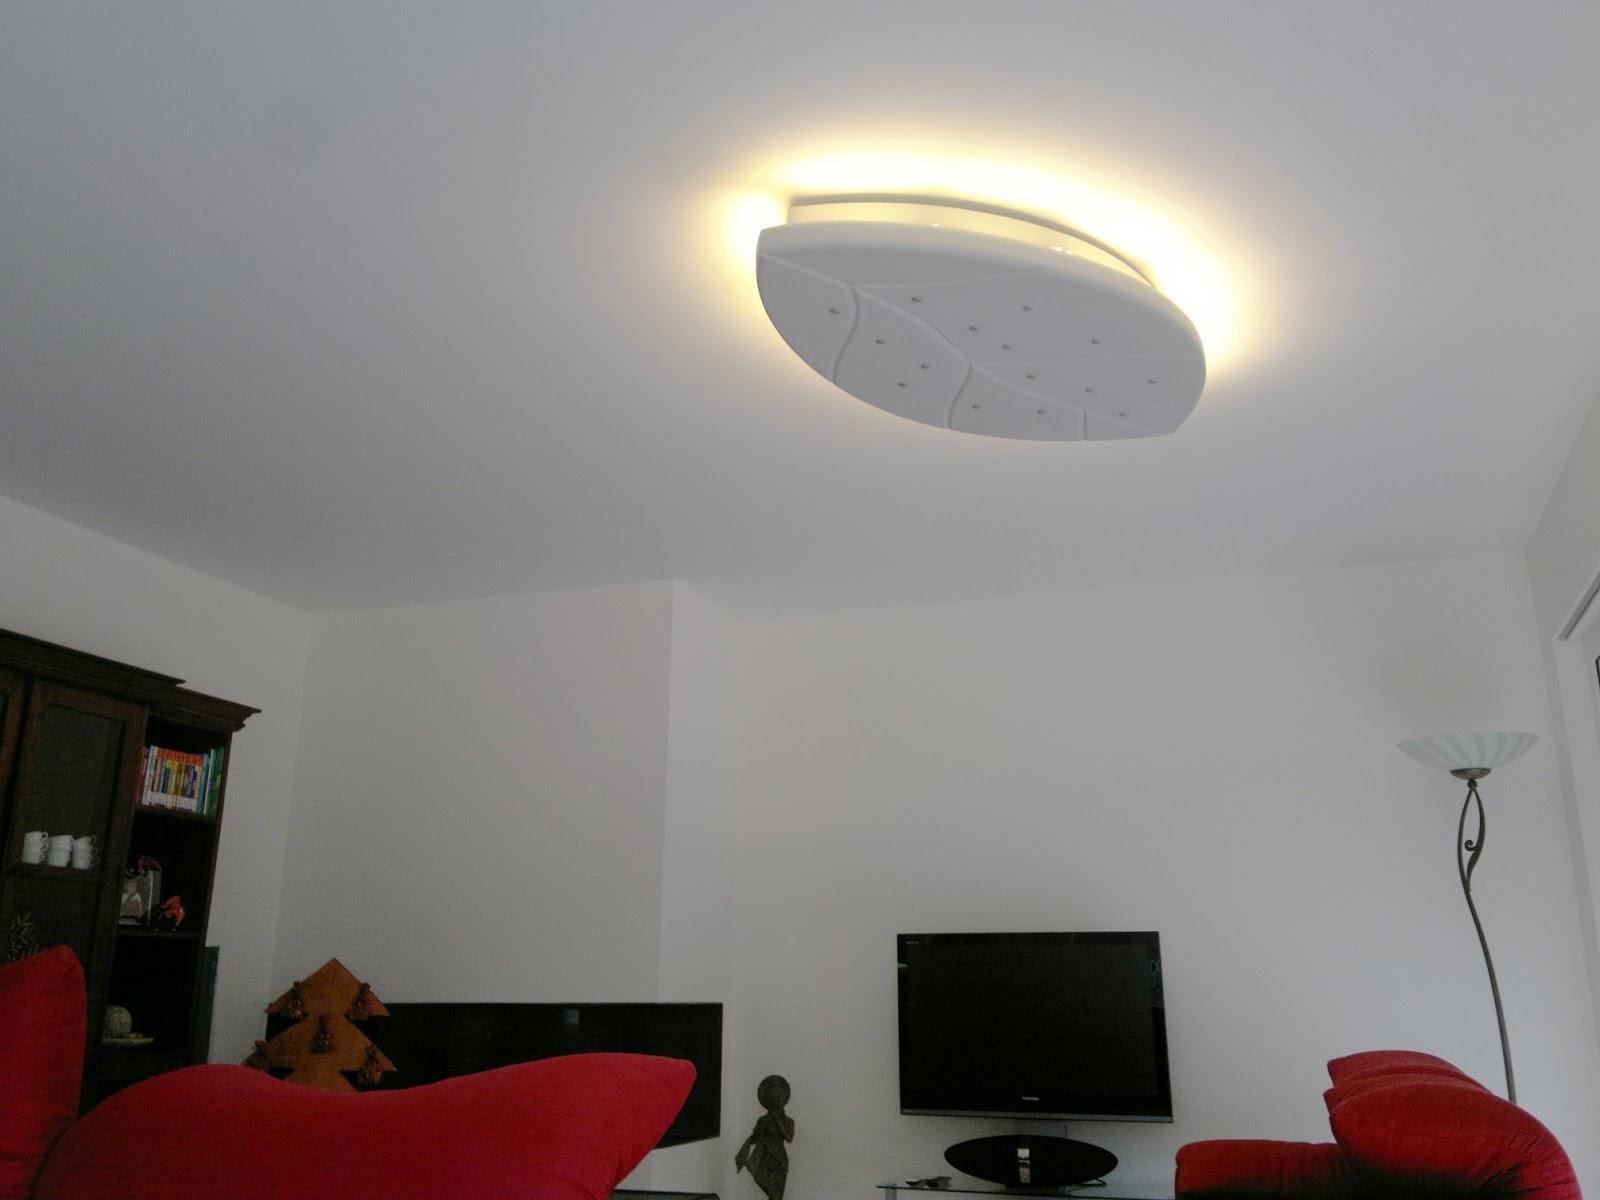 Luce led cucina illuminazione faretti cerca con google illuminazione